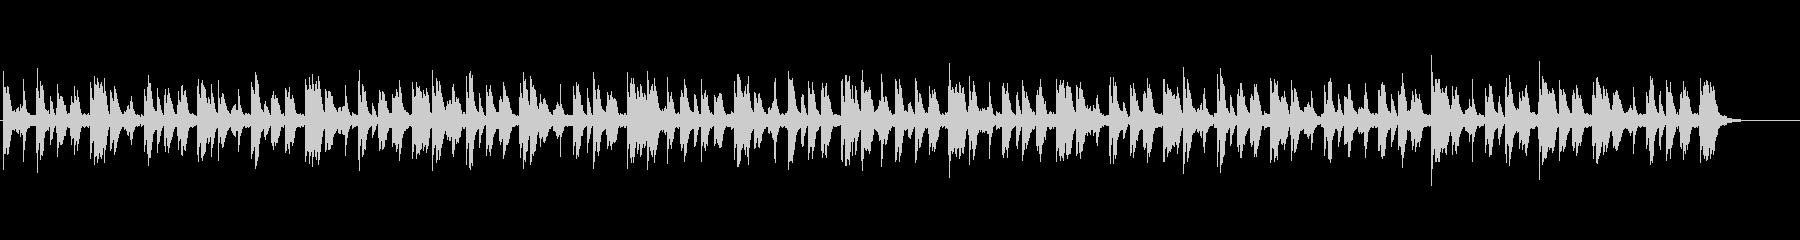 ピタゴラ装置の為の実験的ミニマルピアノの未再生の波形